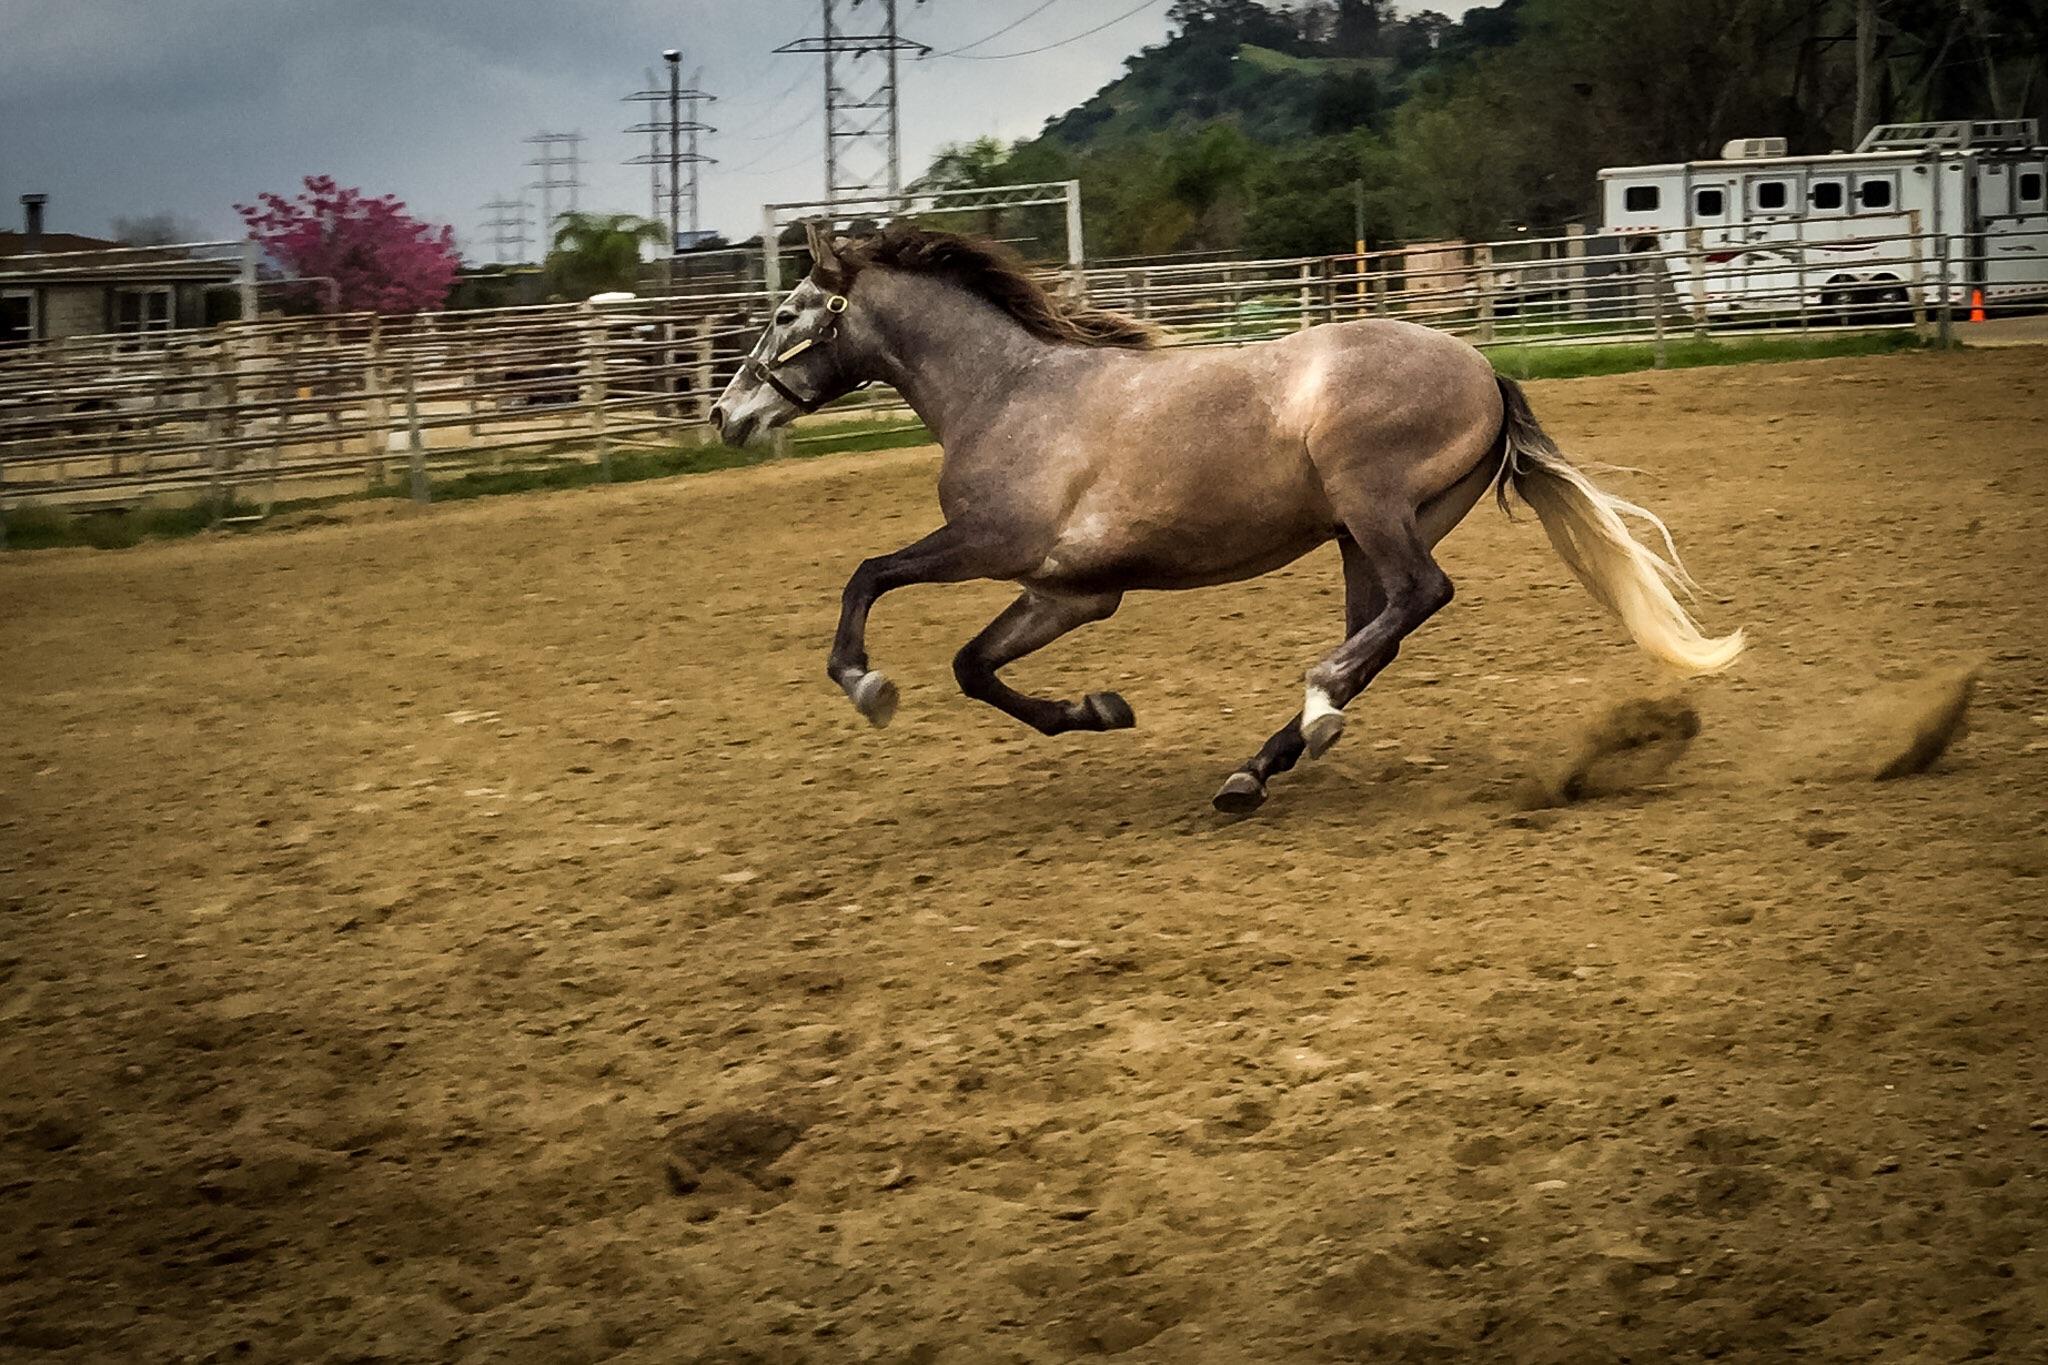 Romeo taking a run